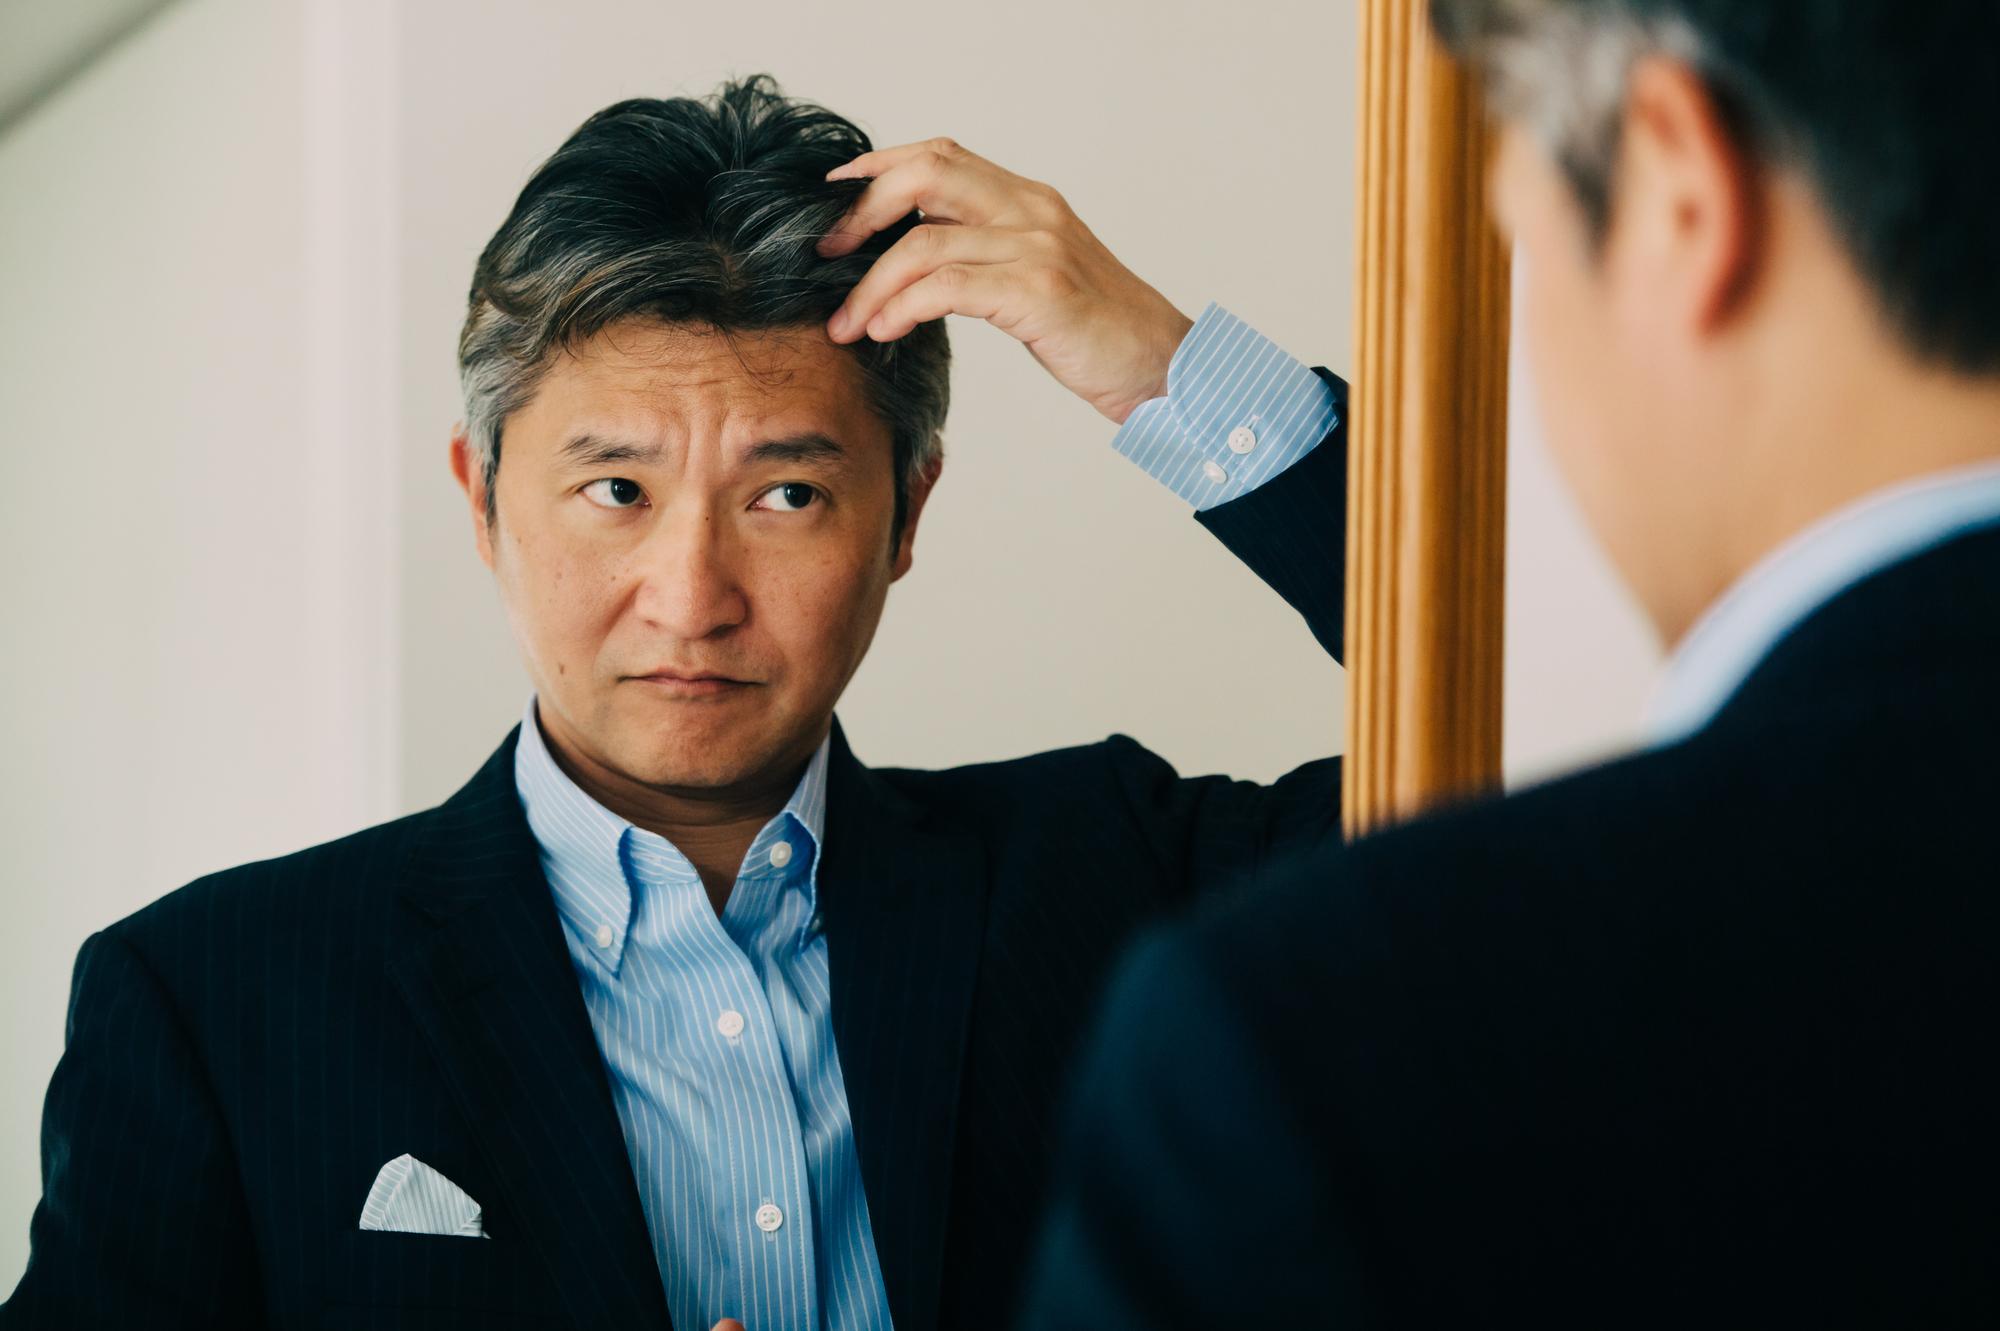 円形脱毛症には乳酸菌が良いって本当?円形脱毛症緩和と乳酸菌の関係性について